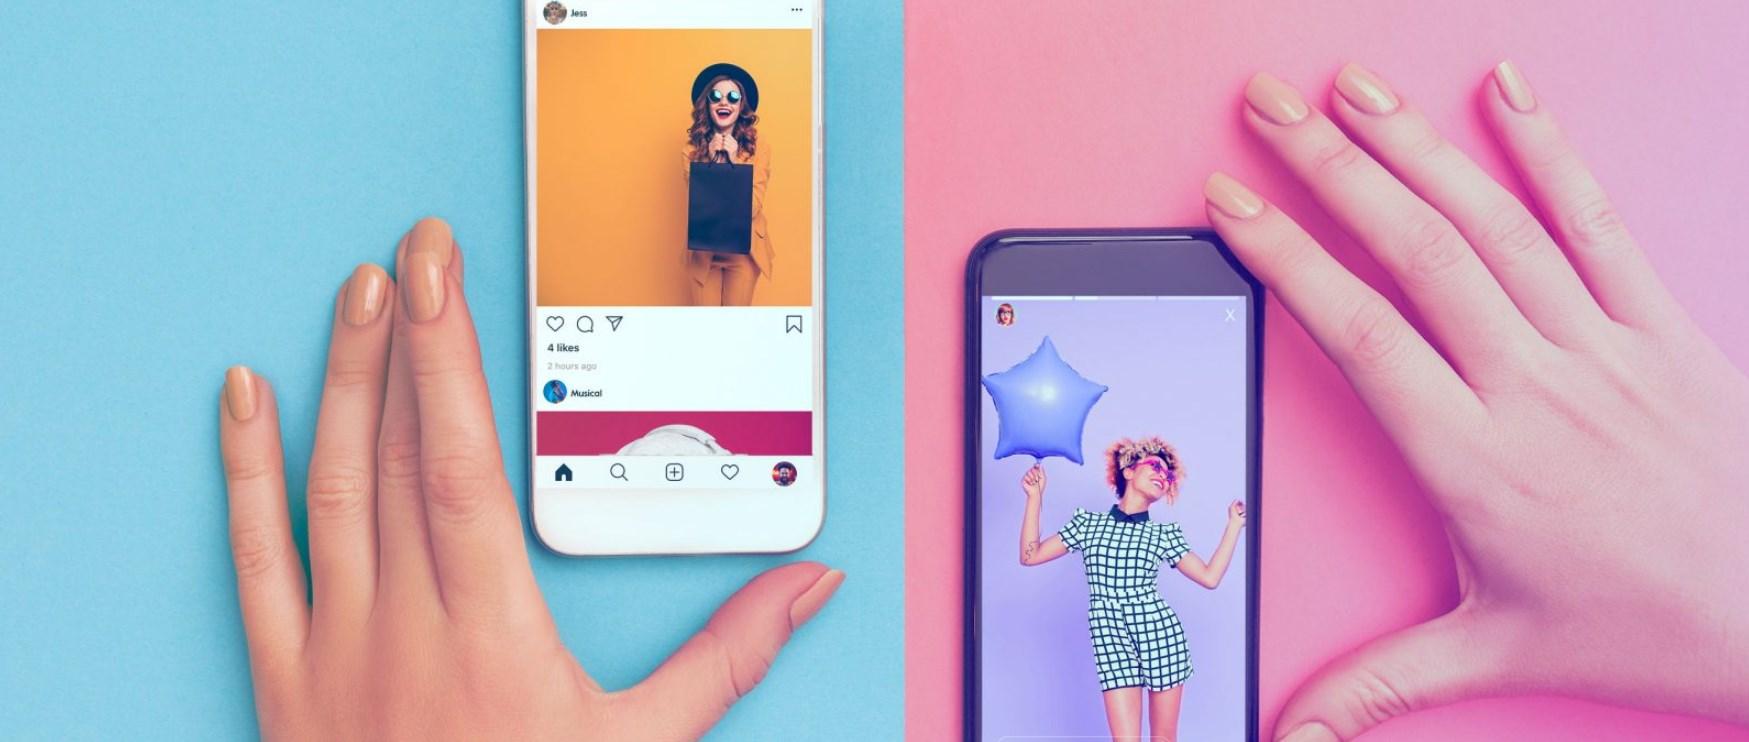 Instagram: feed cronológico não deve voltar tão cedo